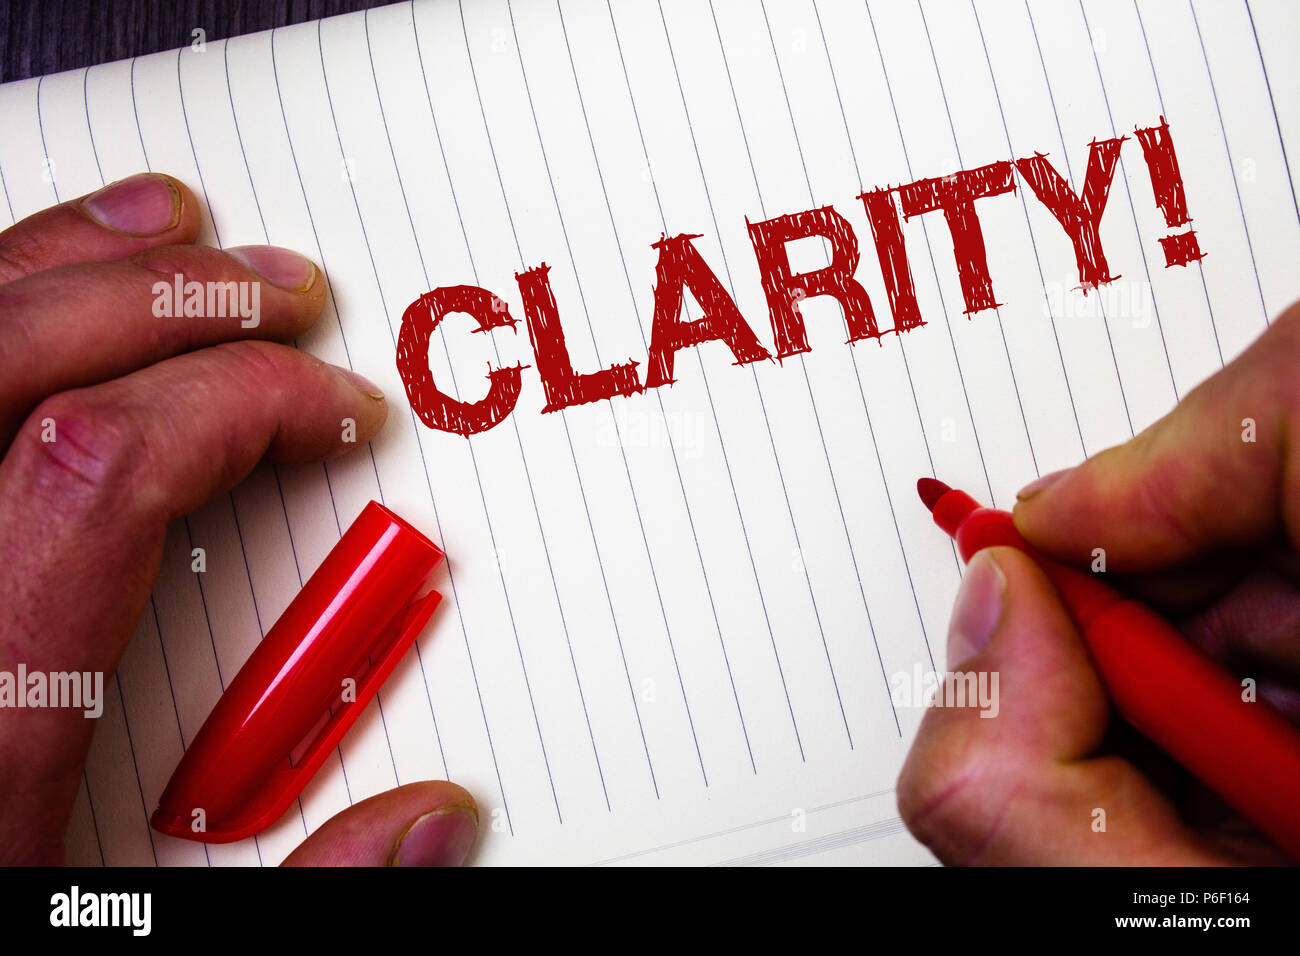 Escritura a mano mostrando claridad conceptual. Foto de negocios lucimiento certeza Precision pureza comprensibilidad transparencia exactitud hombre espera celebrar Imagen De Stock